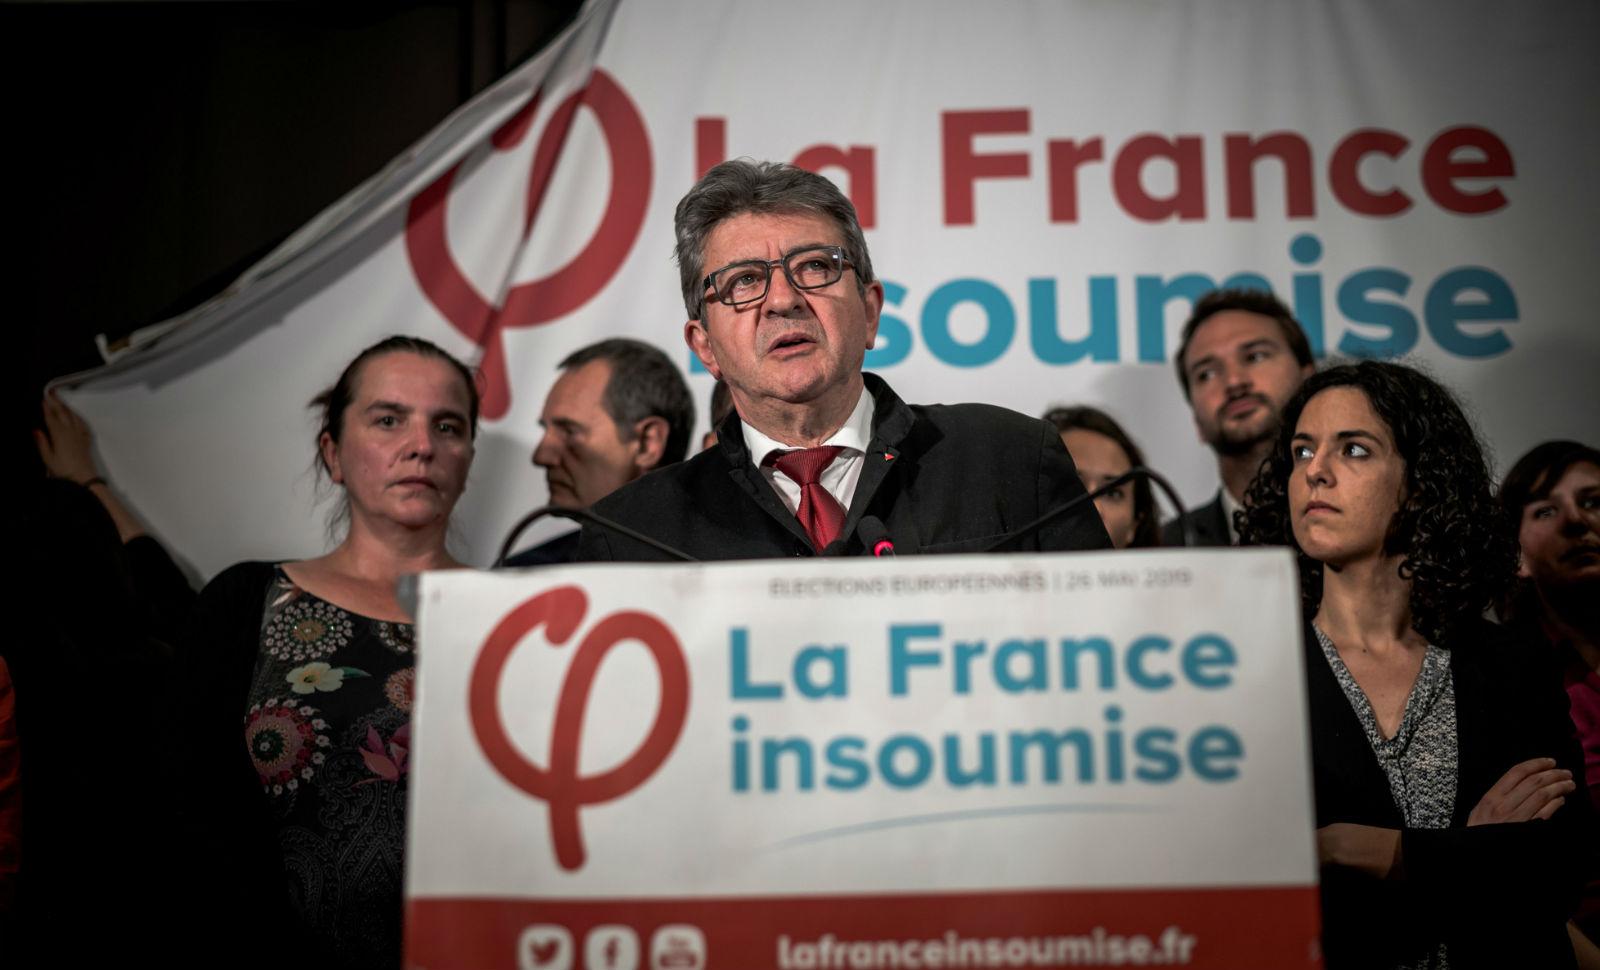 Jean-Luc Mélenchon et les Insoumis le soir du scrutin du 26 Mai 2019. © NICOLAS MESSYASZ/SIPA Numéro de reportage : 00909410_000008